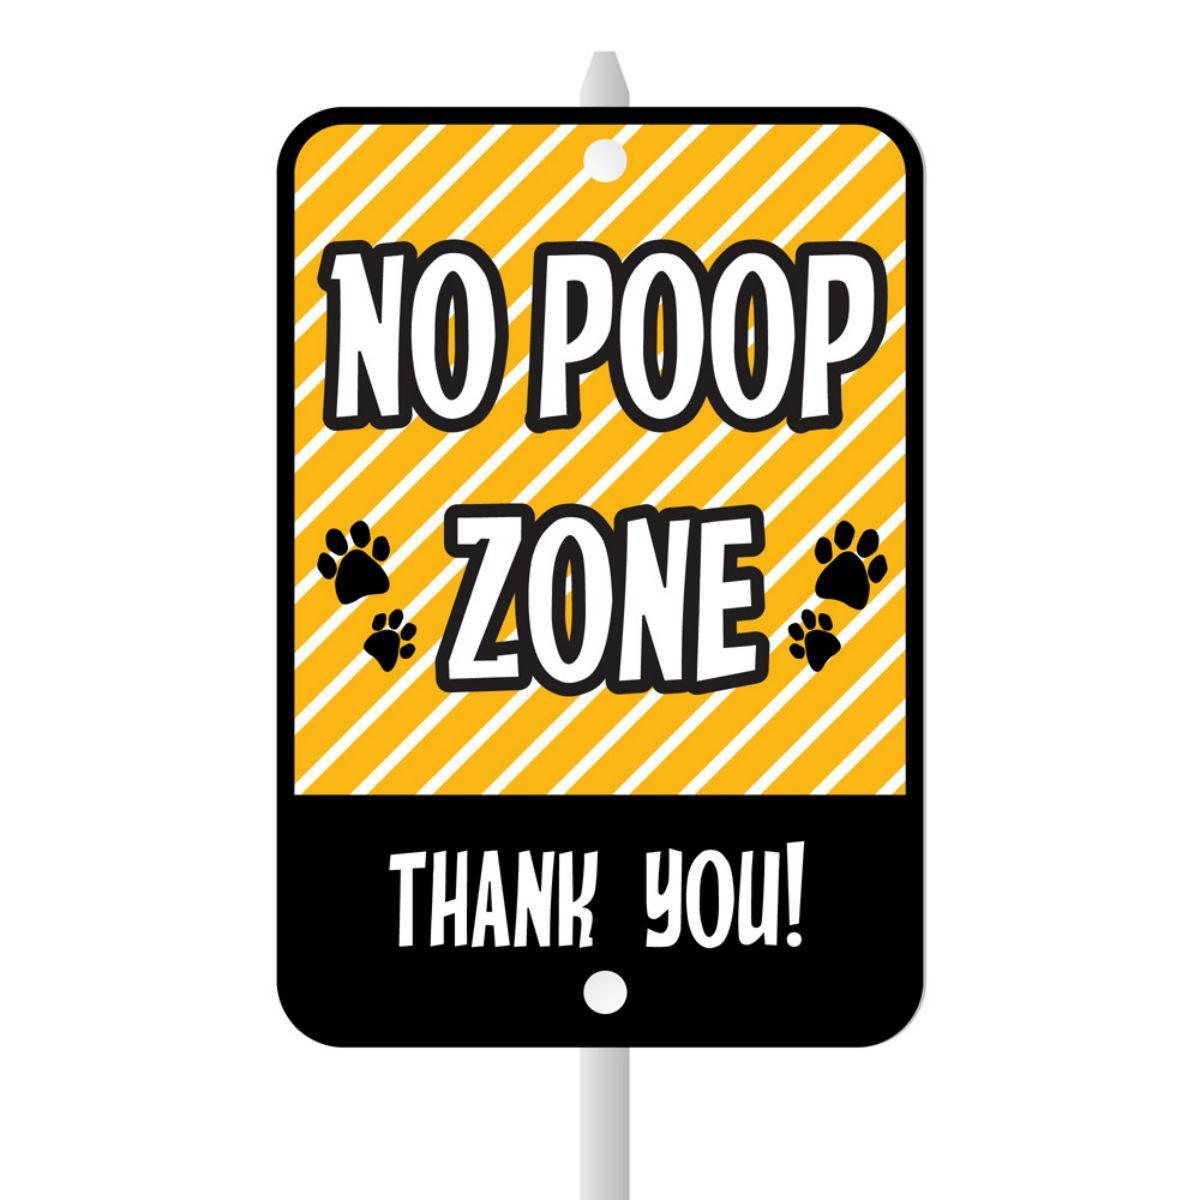 No Poop Zone Mini Garden Sign